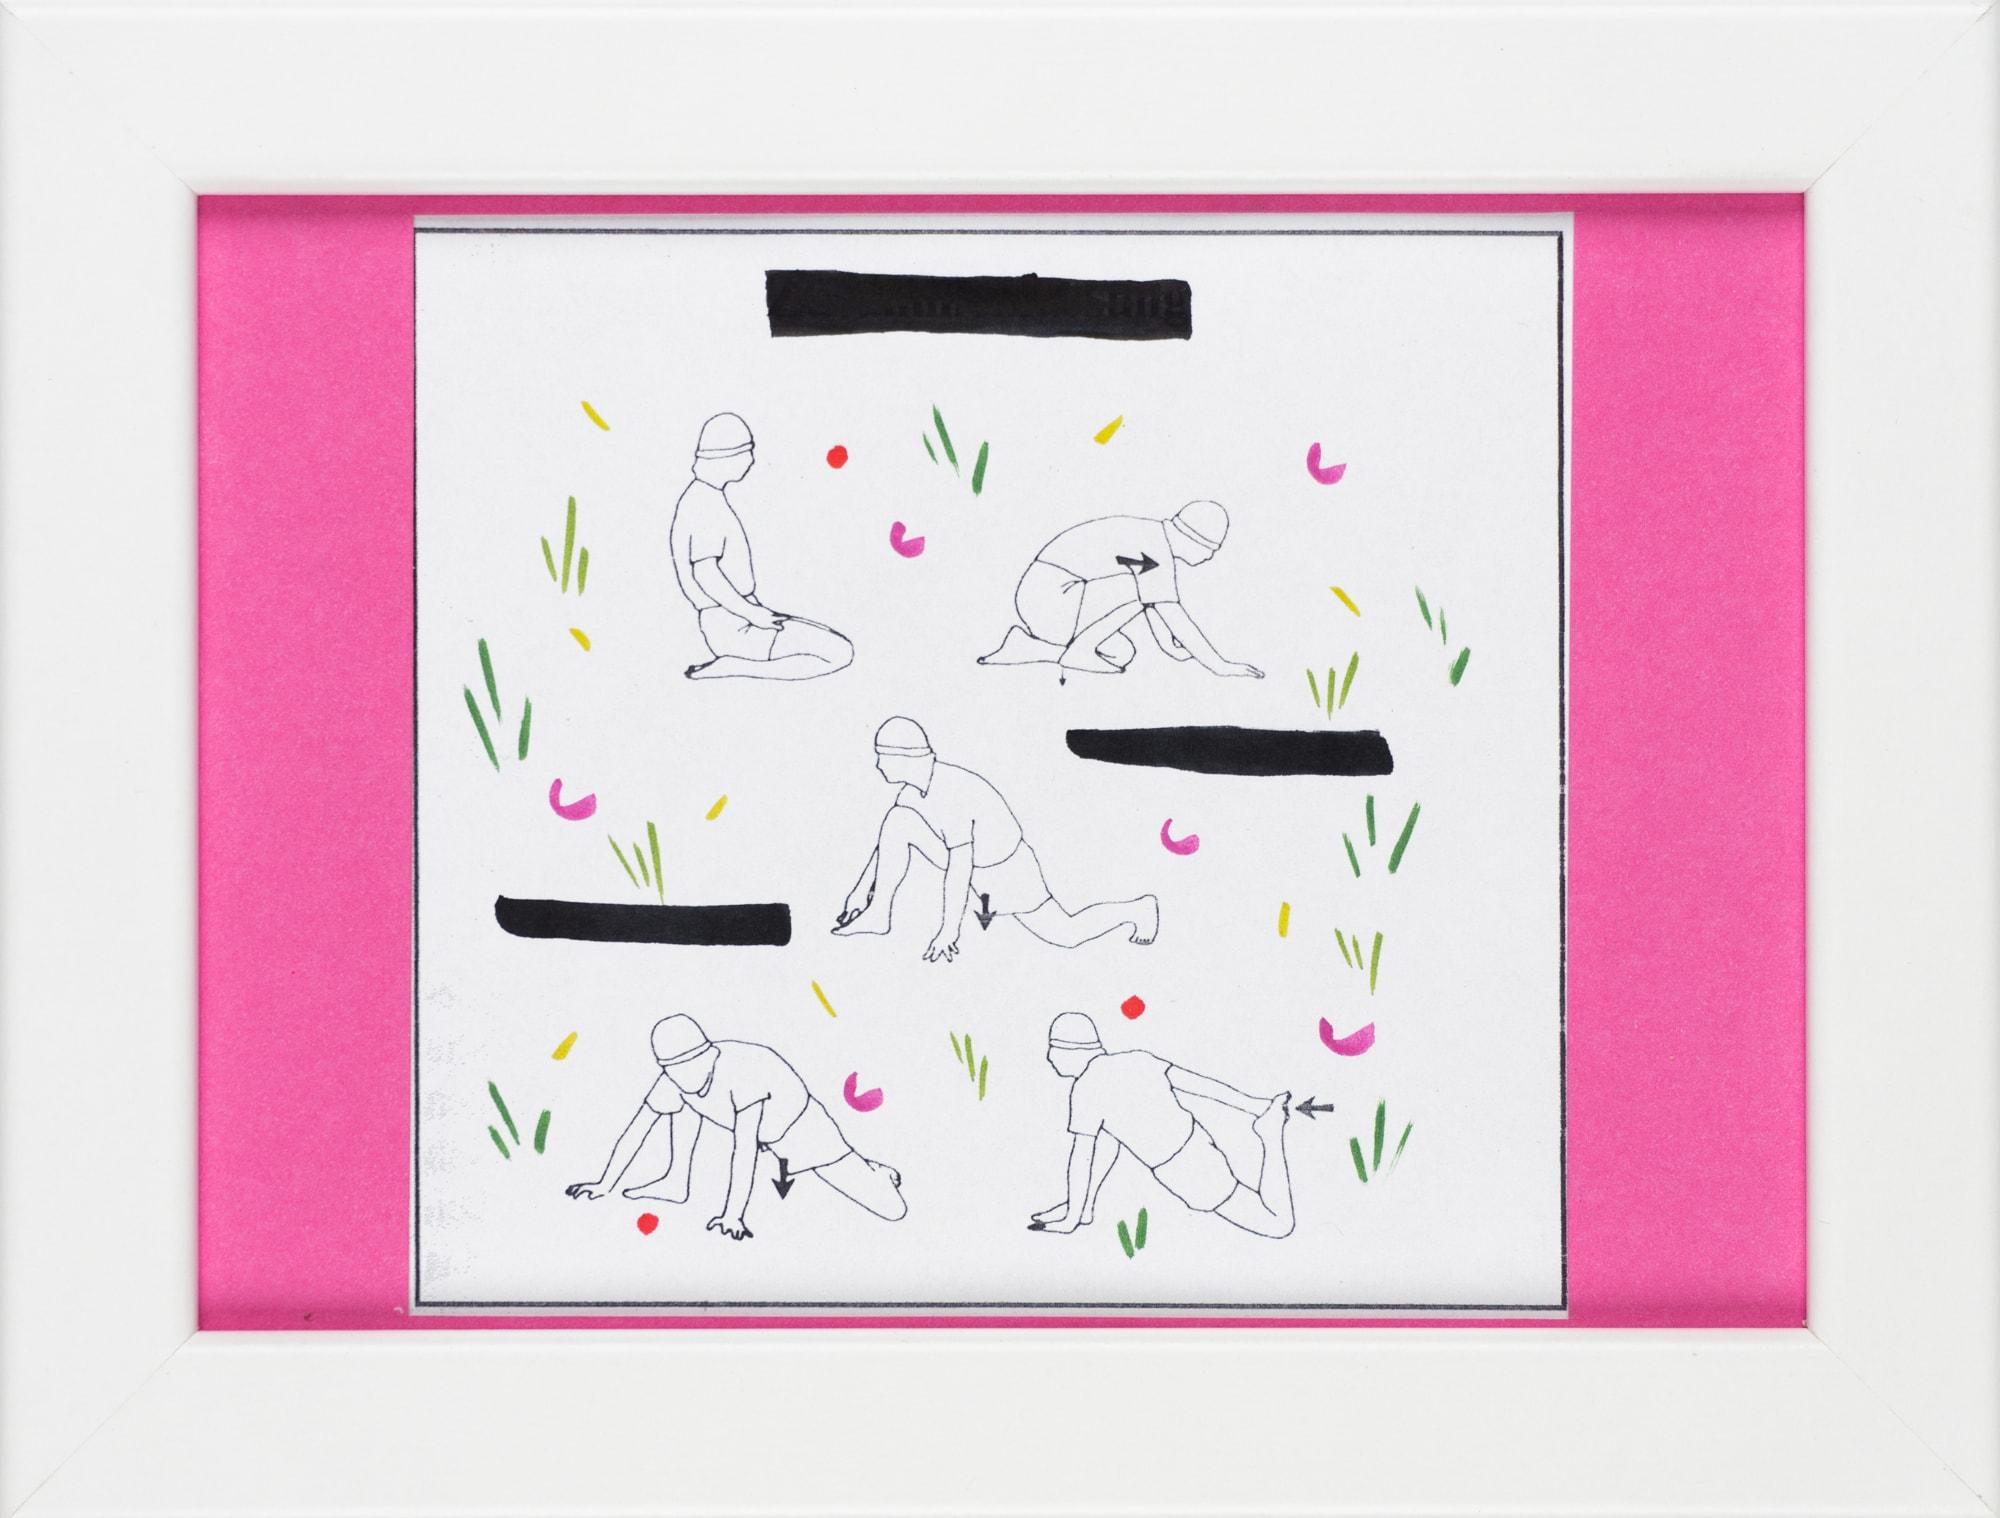 Übermalung und Mischtechnik auf Papier, 12,2x11,6cm, Originalgrafik zum gleichnamigen Booklet, Künstlerin: Franziska King